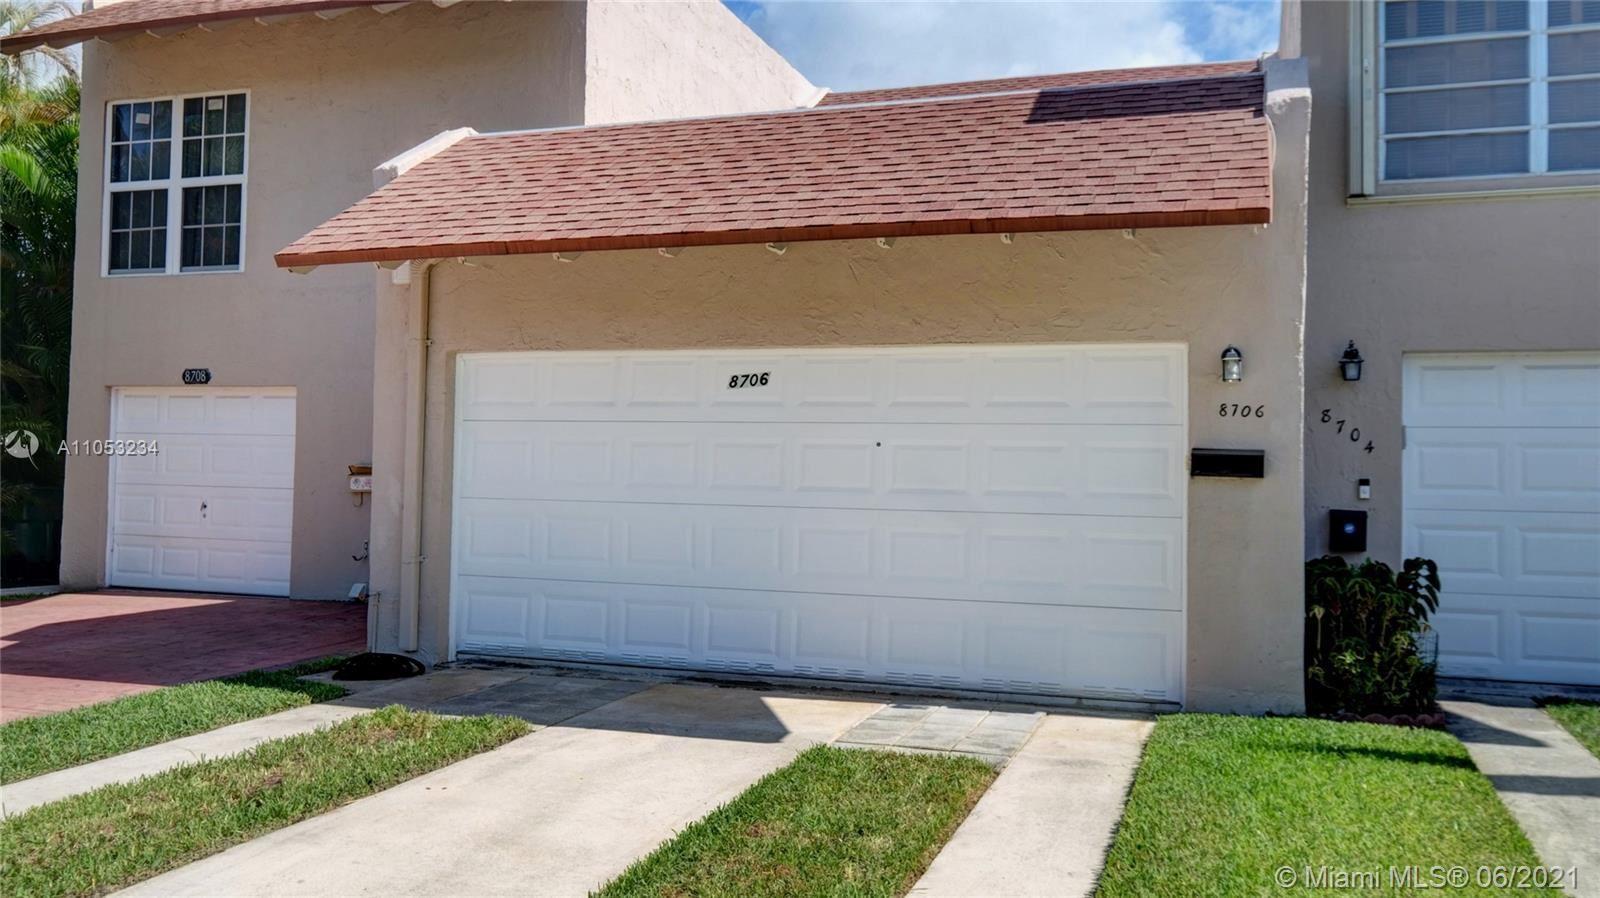 8706 SW 103rd Ave #-, Miami, FL 33173 - #: A11053234